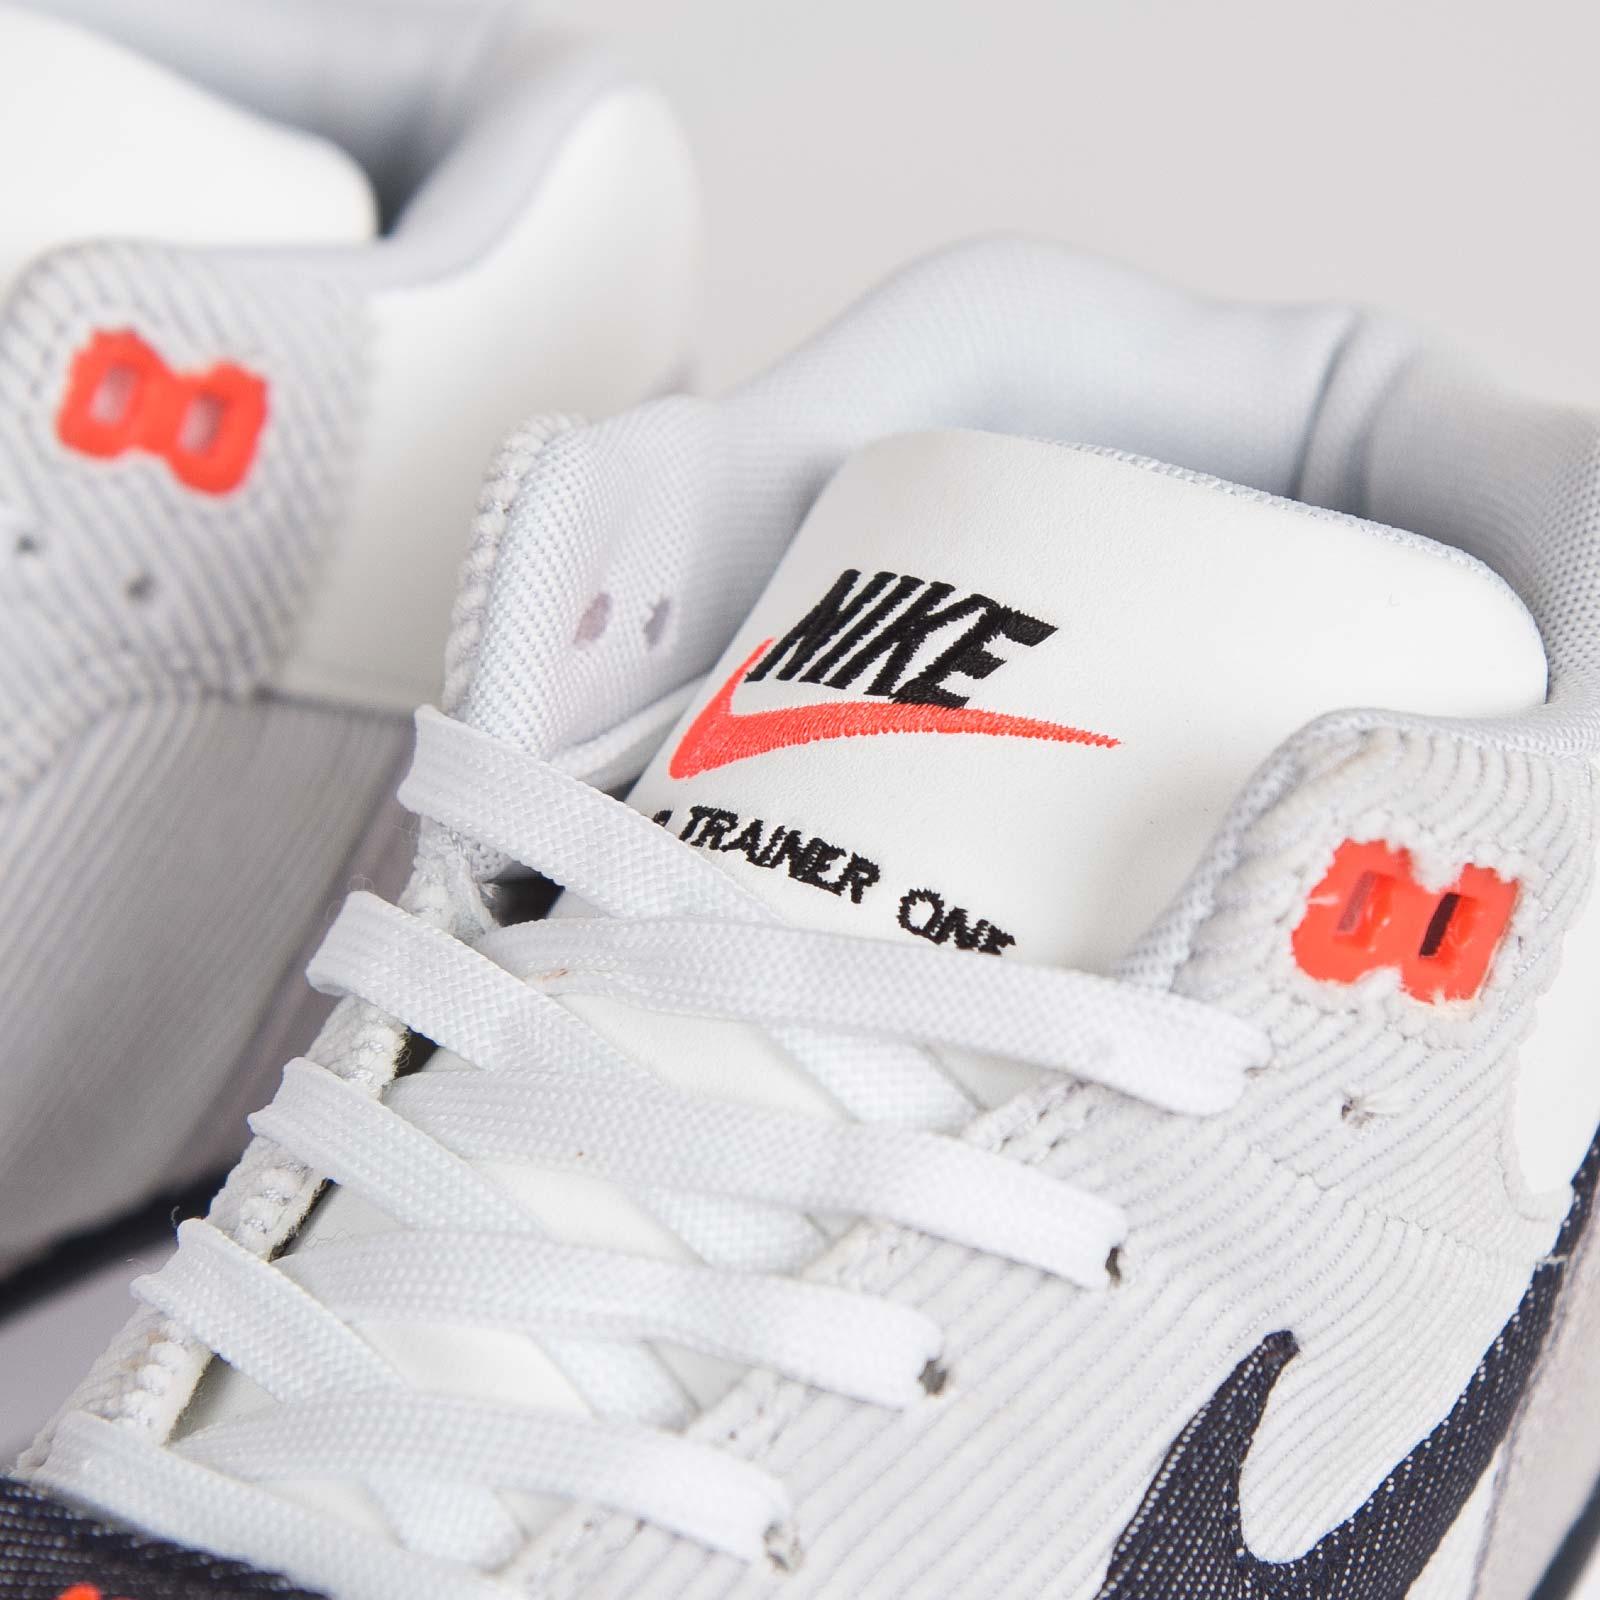 new product d327c 70632 Nike Air Trainer 1 Mid - 317554-103 - Sneakersnstuff   sneakers    streetwear på nätet sen 1999